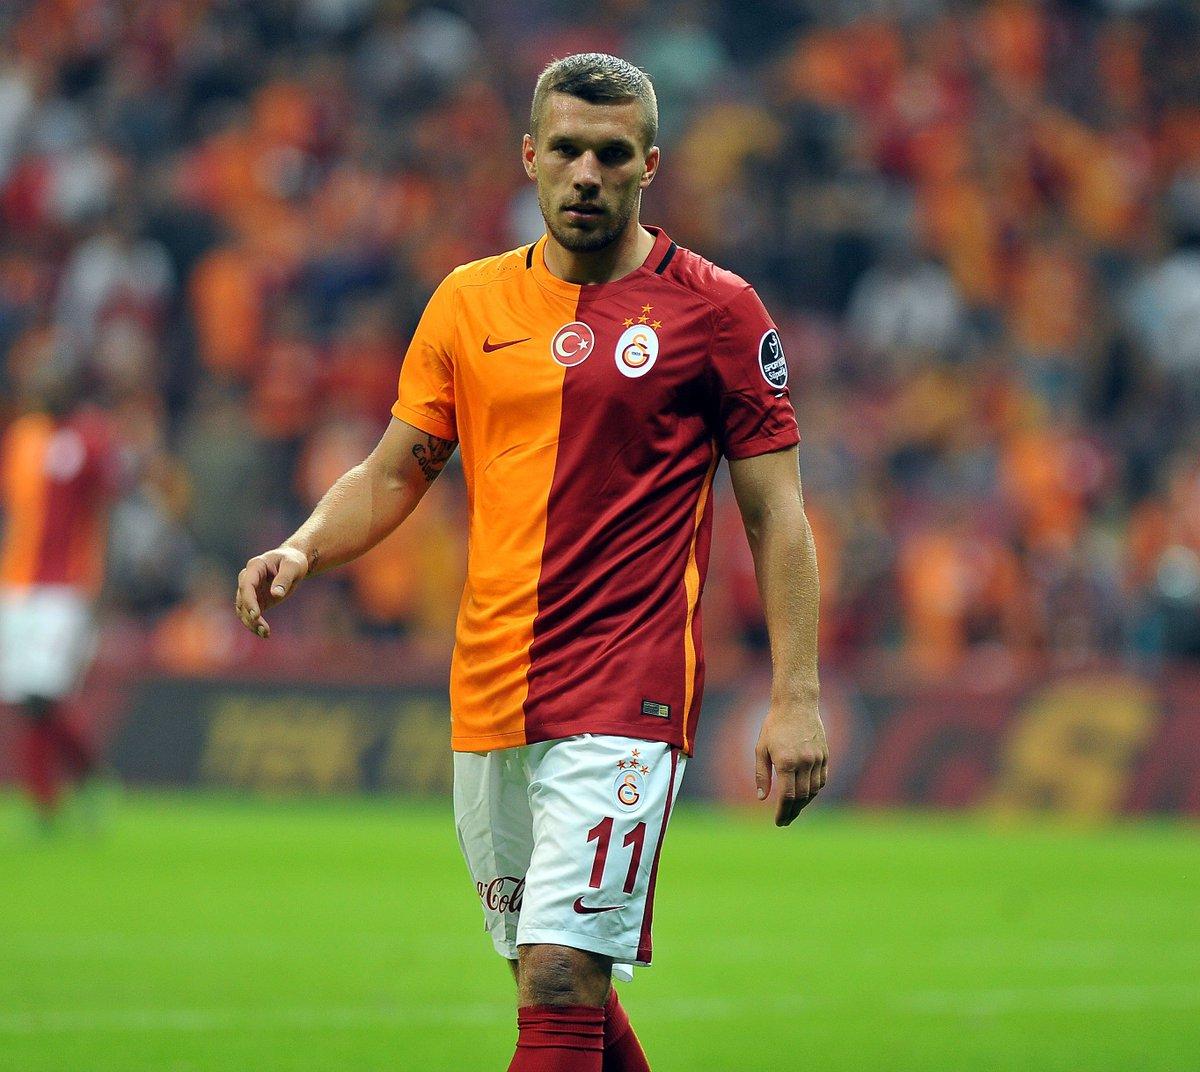 Beijing Guoan'a transfer olacağı iddia edilen Podolski için Çin kulübü...